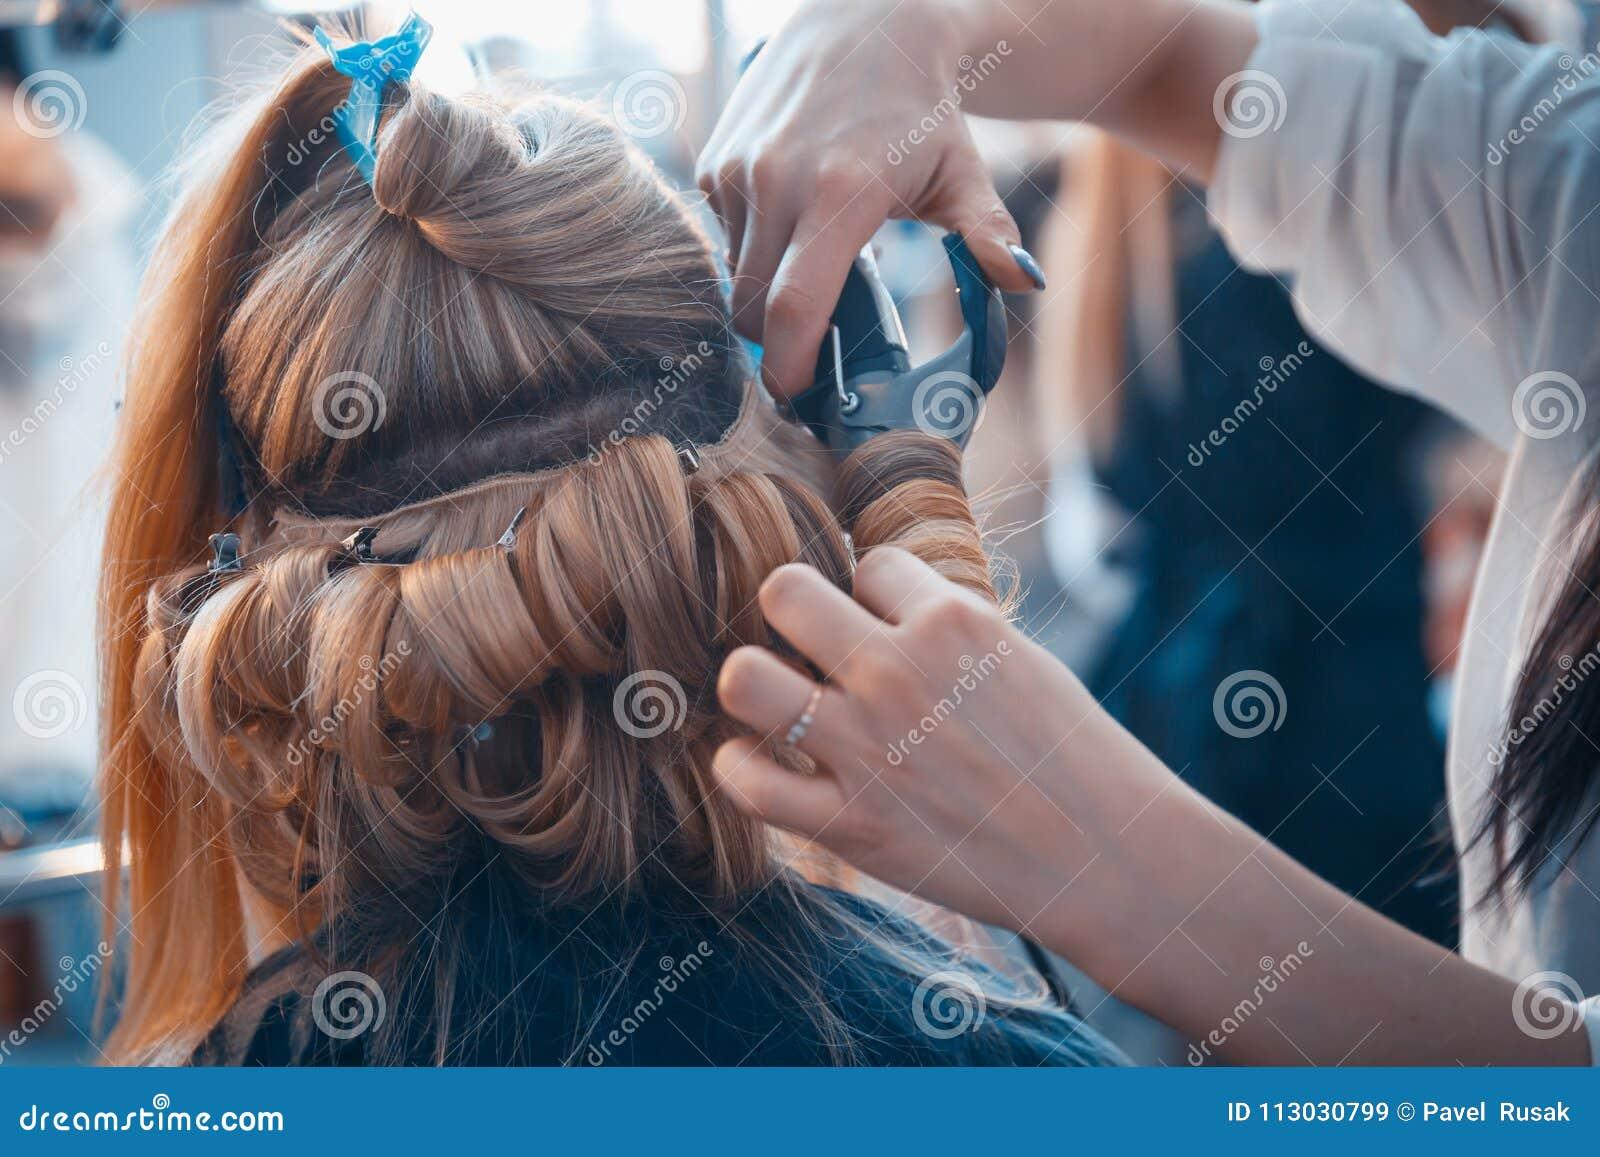 El peluquero hace extensiones del pelo a una chica joven